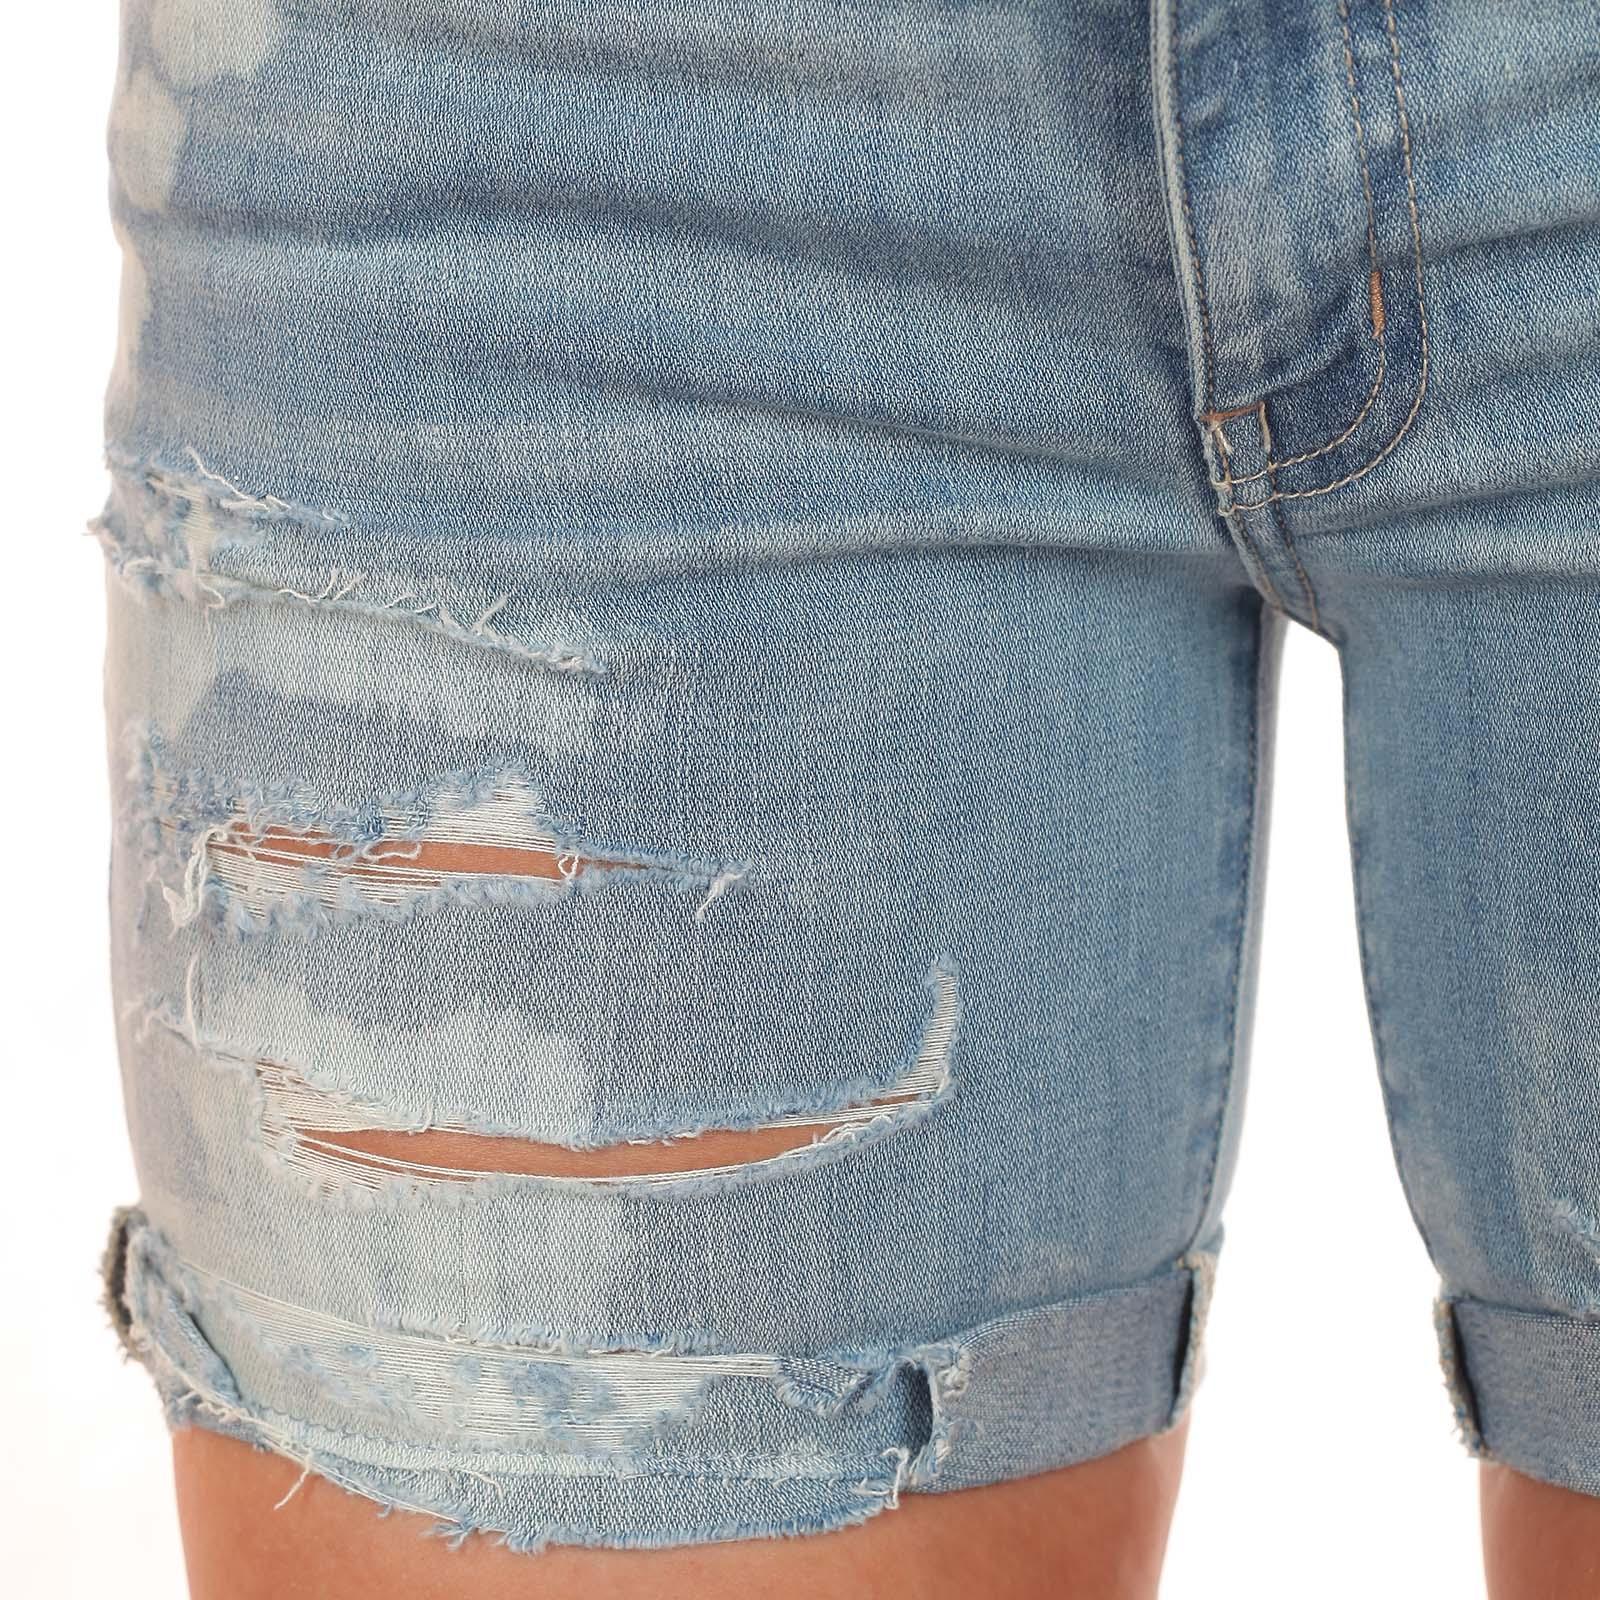 Рваные джинсовые шорты American Eagle с бунтарскими потёртостями и небрежными разводами. Жизнь коротка – нарушай скучные правила!